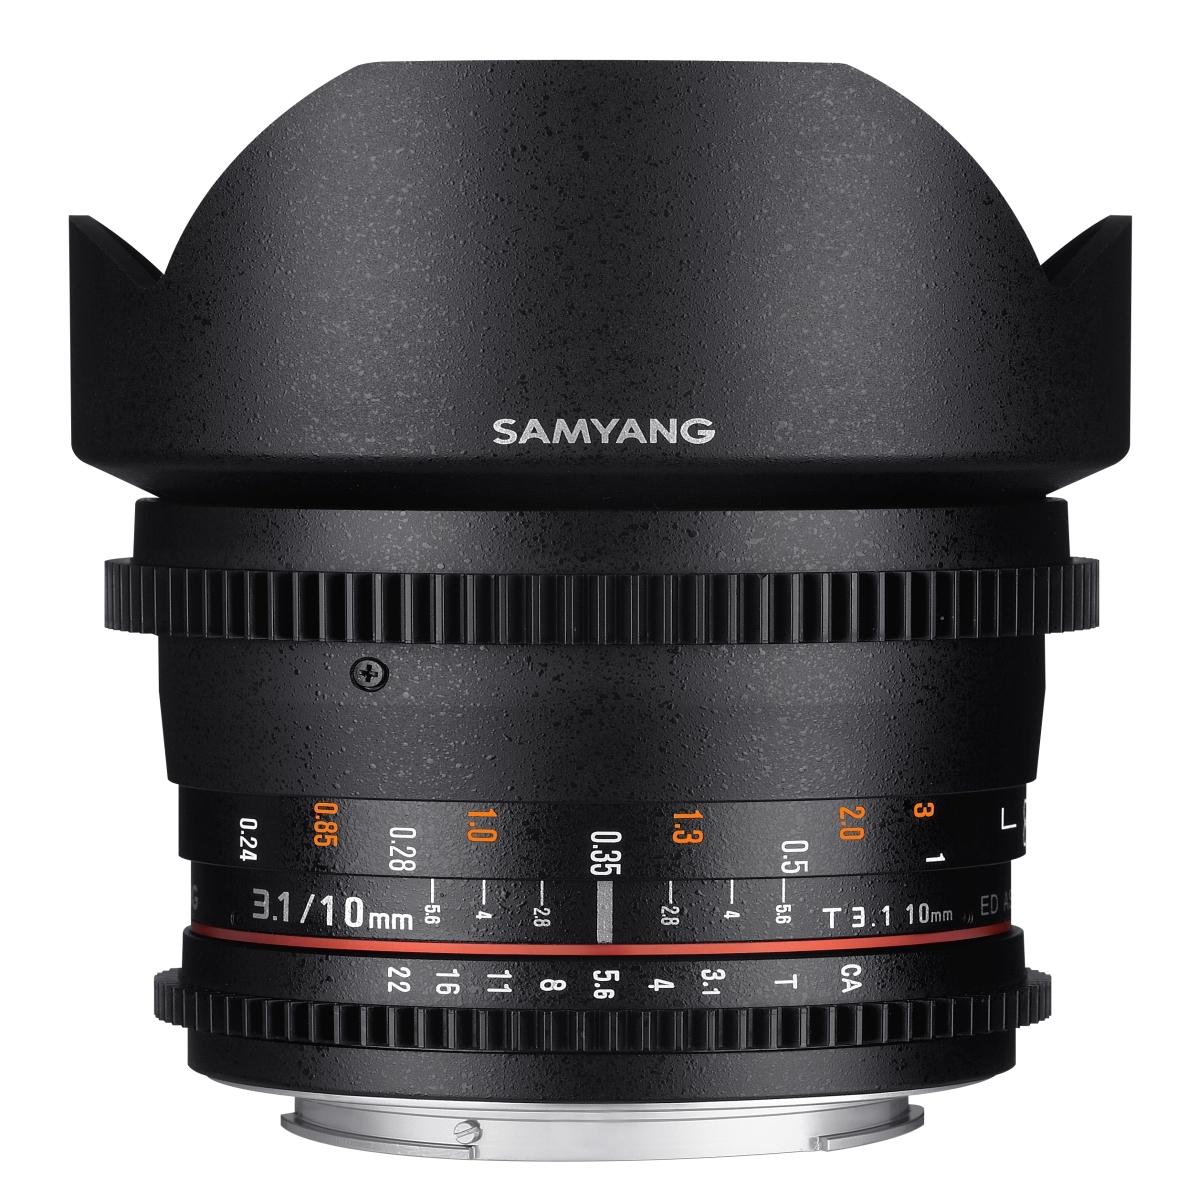 Samyang MF 10 mm 1:3,1 Video für MFT